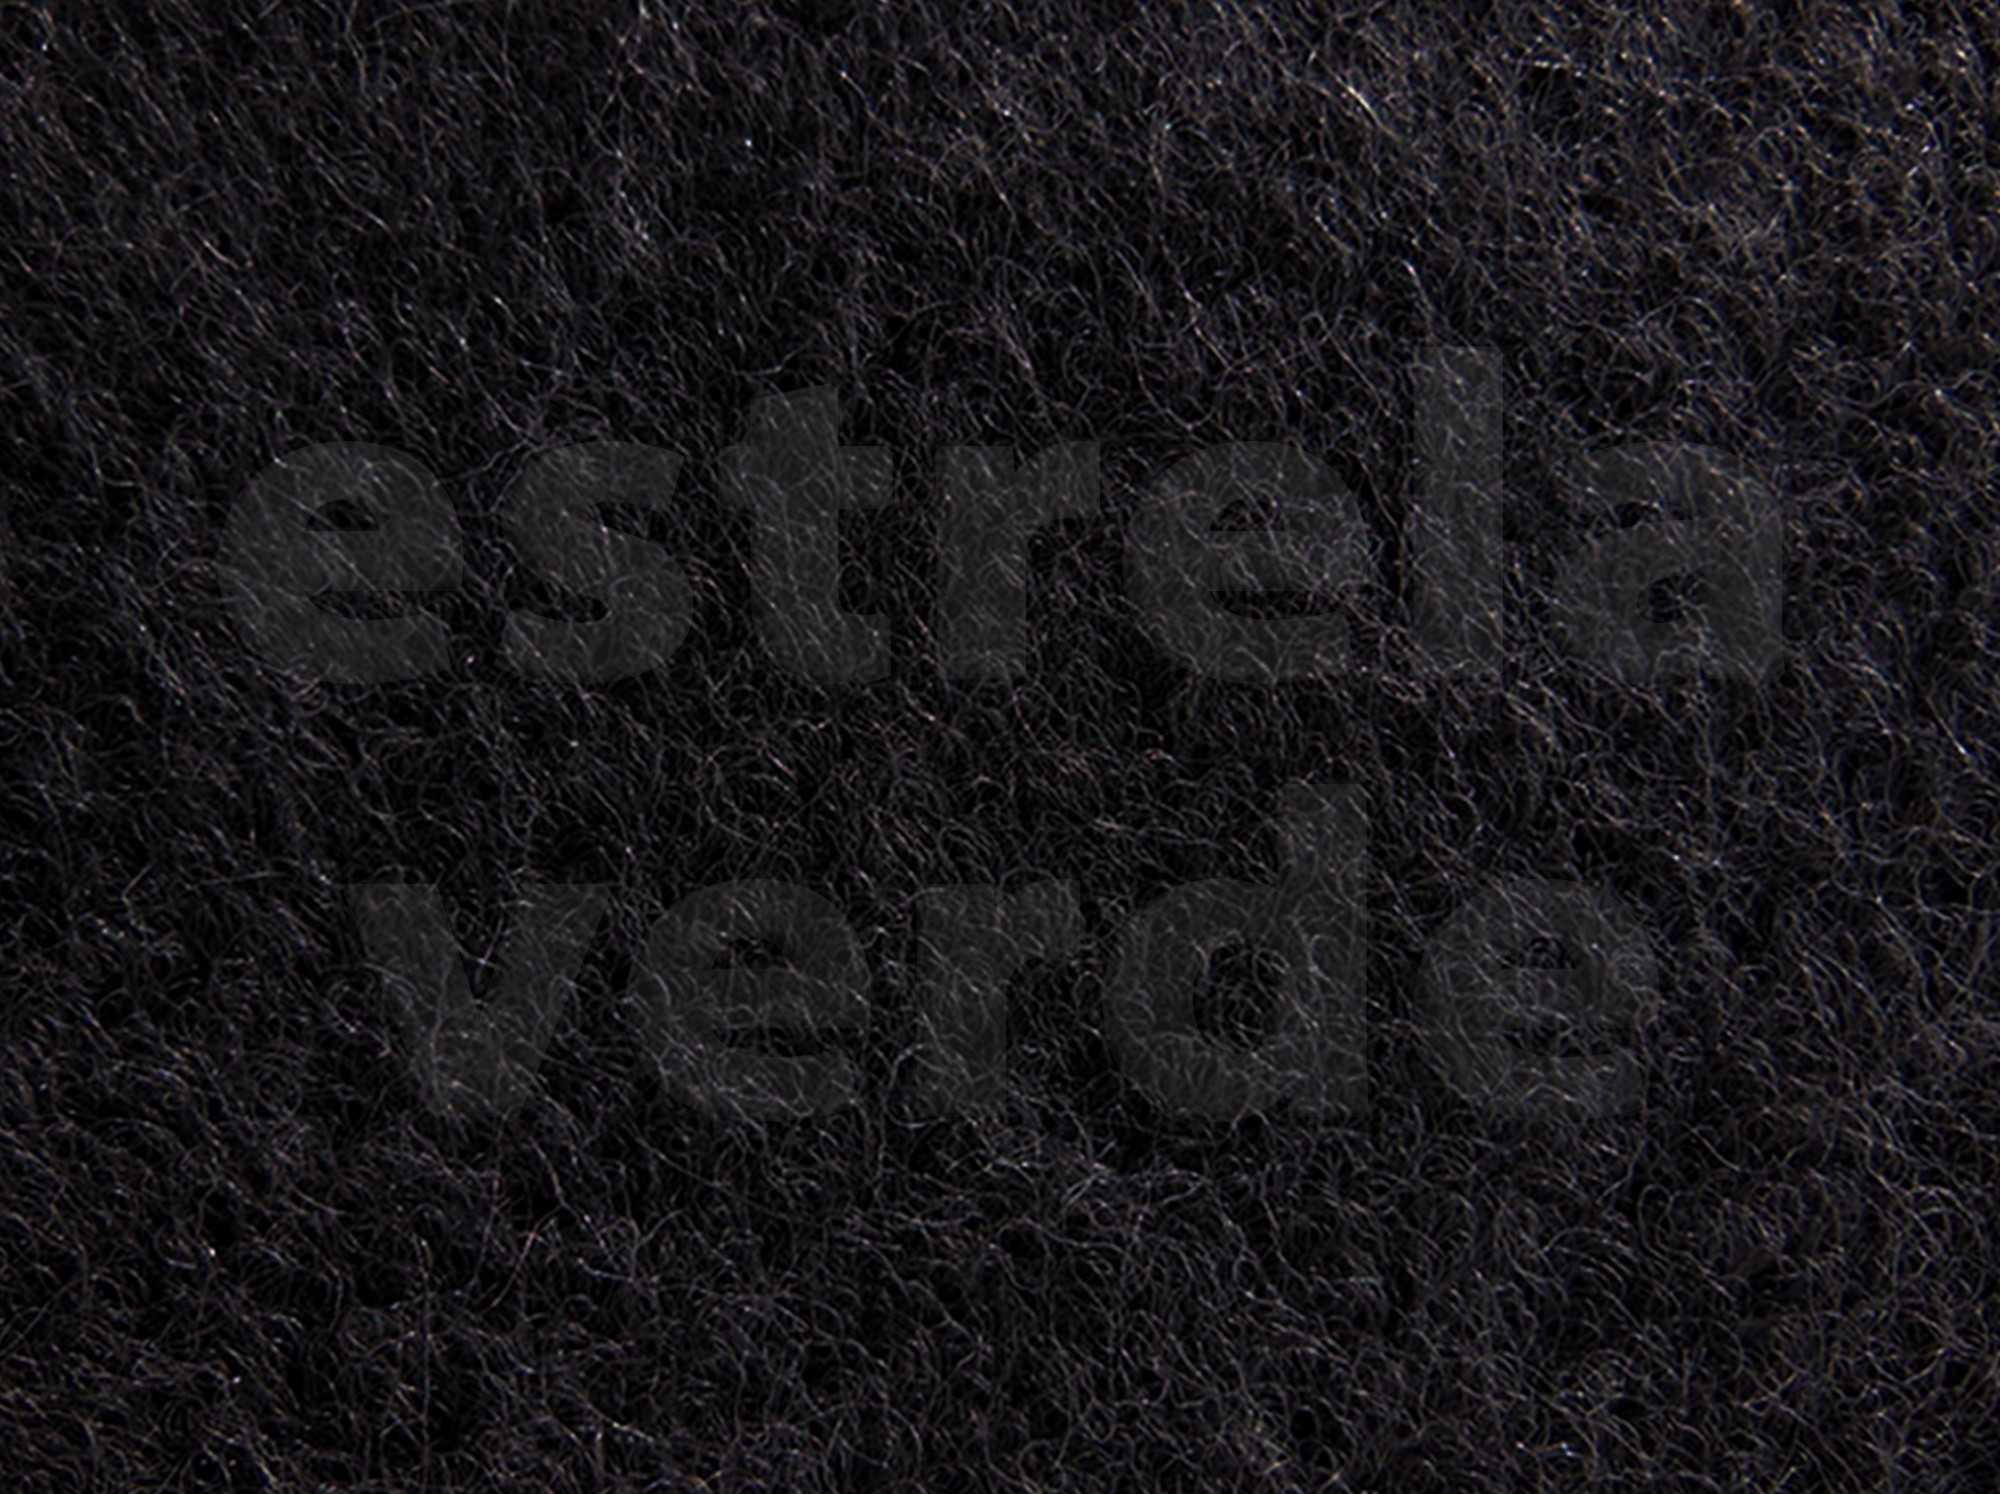 CARPETE CINZA ESCURO VW C/ RESINA (081)  2,00 LARG  - Estrela Verde